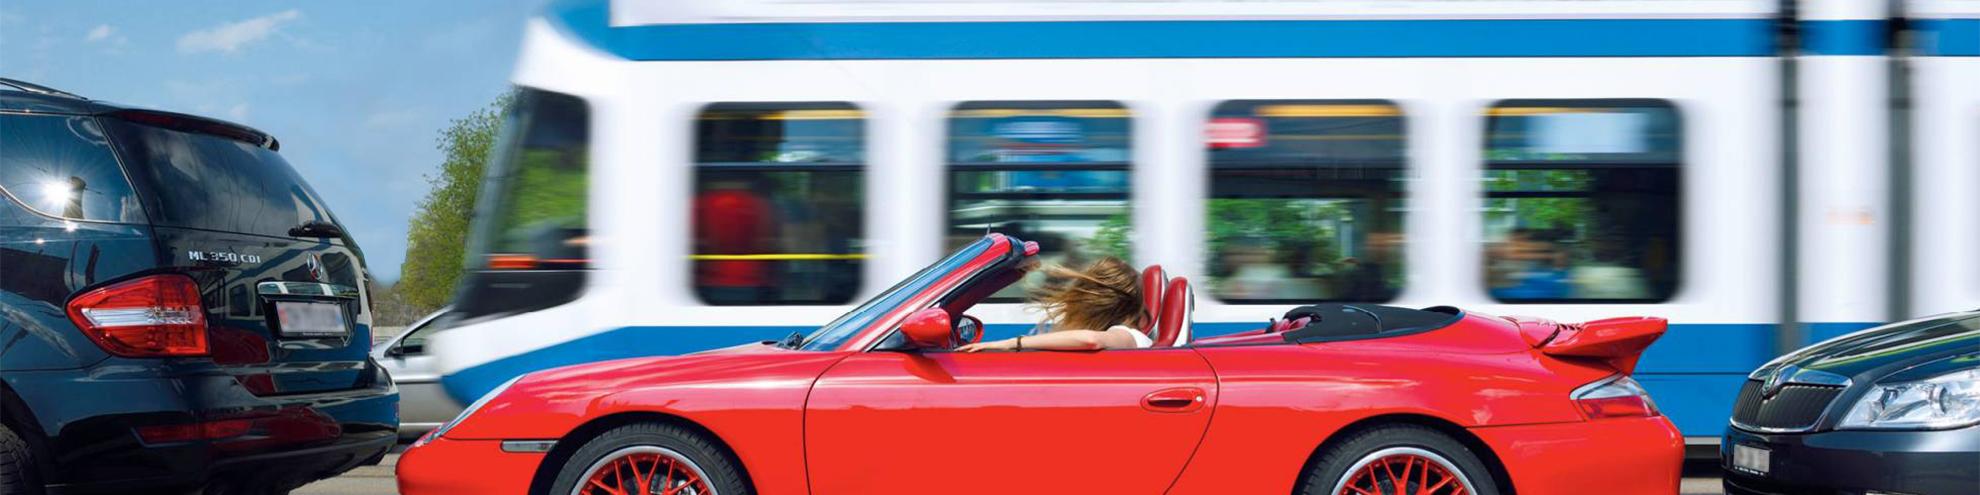 Verschiedene Verkehrsteilnehmer, Auto und öffentlicher Verkehr